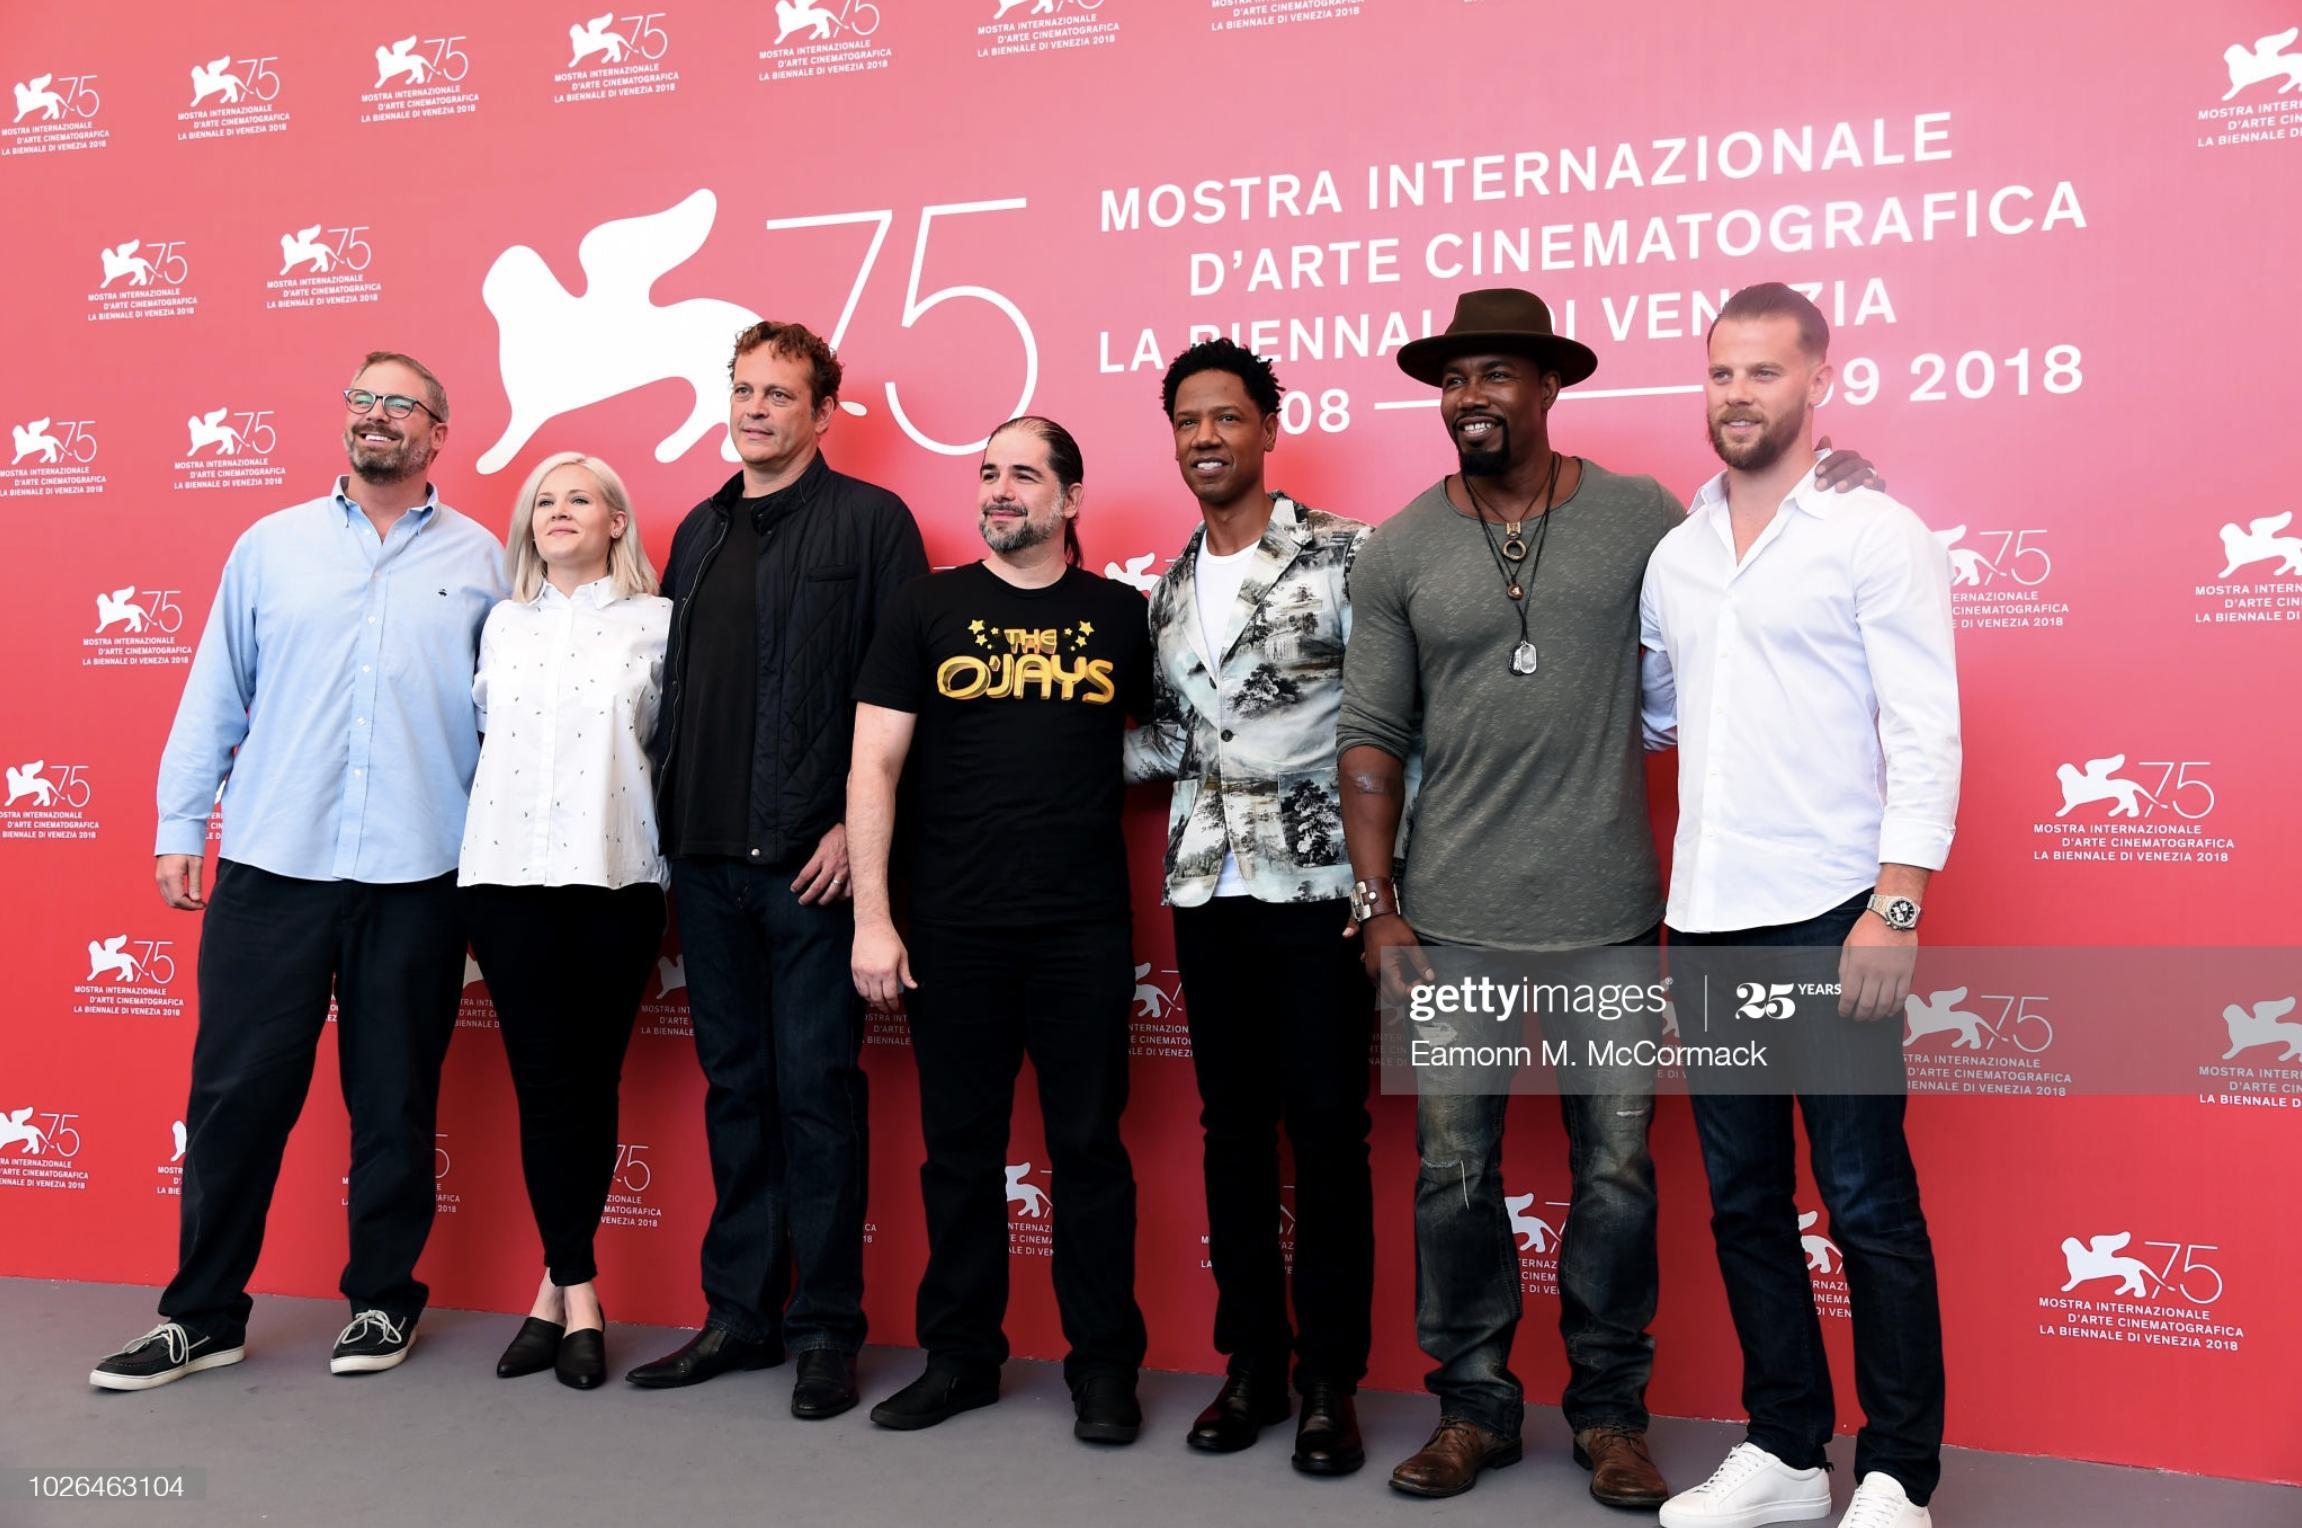 DRAGGED ACROSS CONCRETE - 75th Venice Film Festival